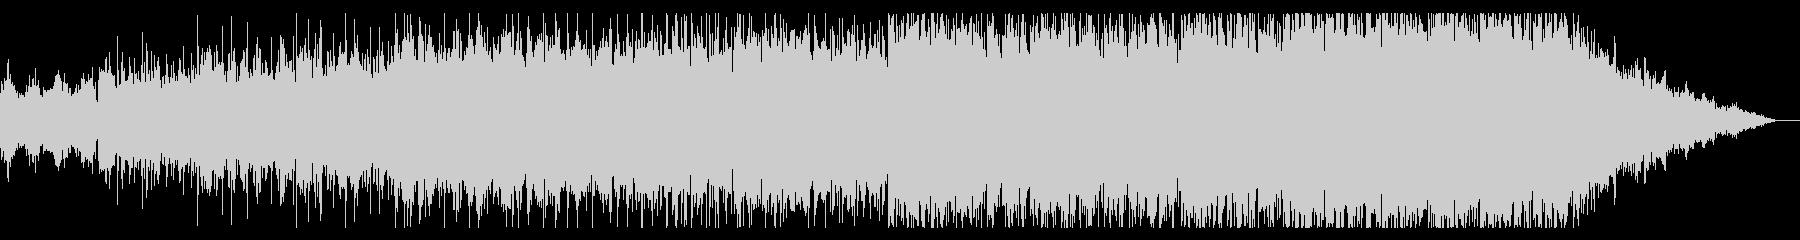 暗くシネマティックなアンビエントIDMの未再生の波形